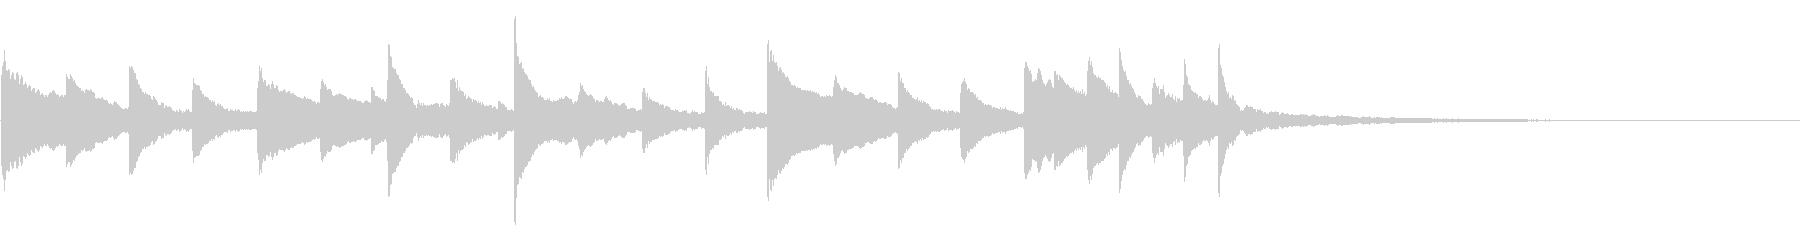 キラキラ ピアノ 瑞々しい 光の未再生の波形